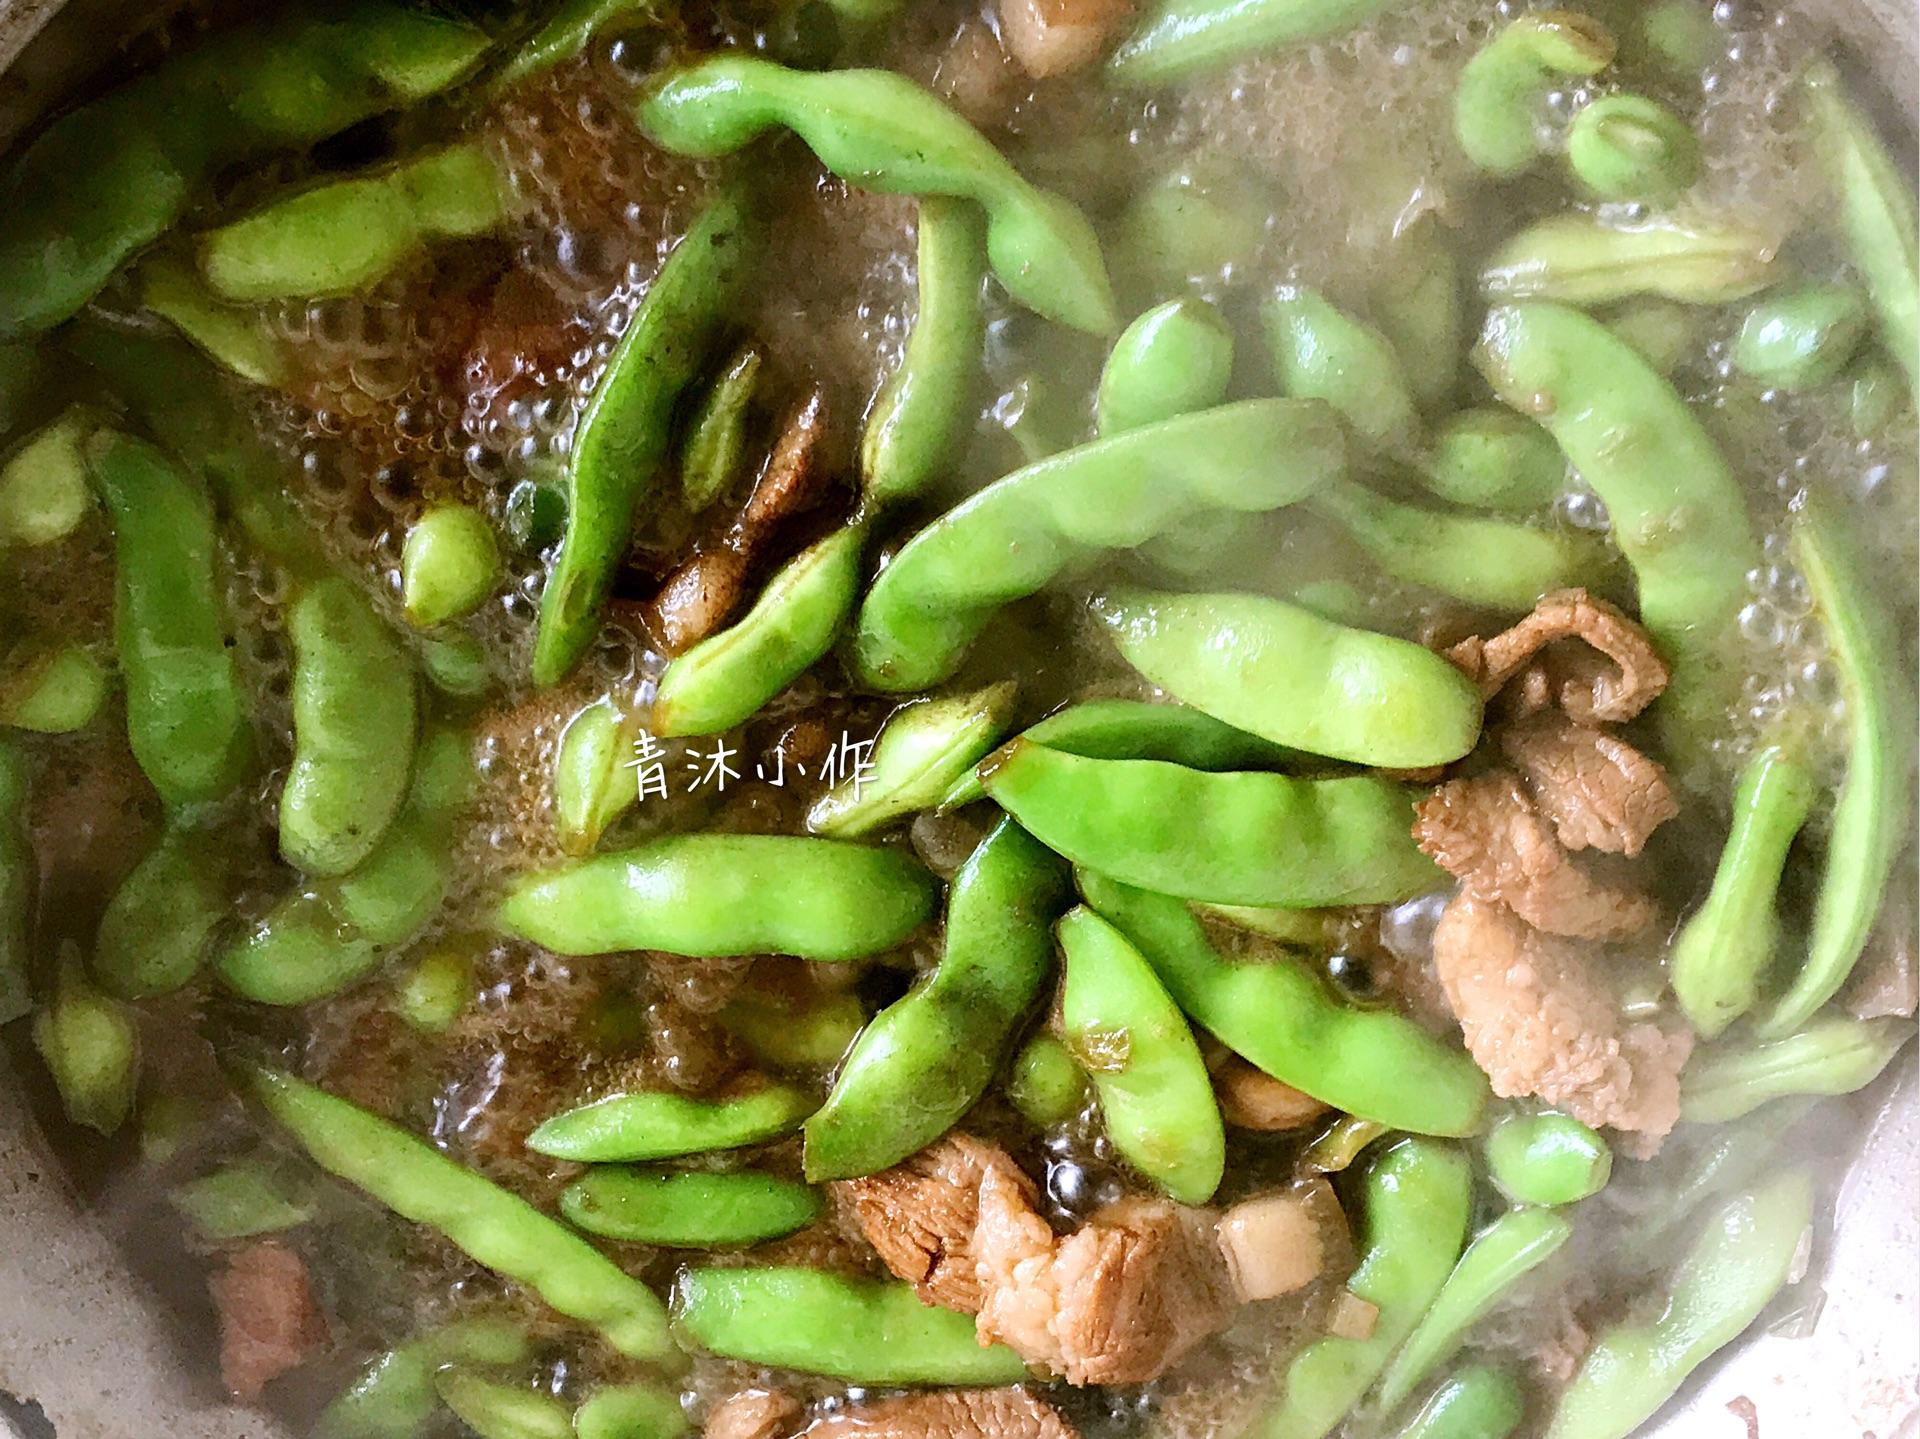 五花肉炖油豆(东北家常菜)的做法步骤